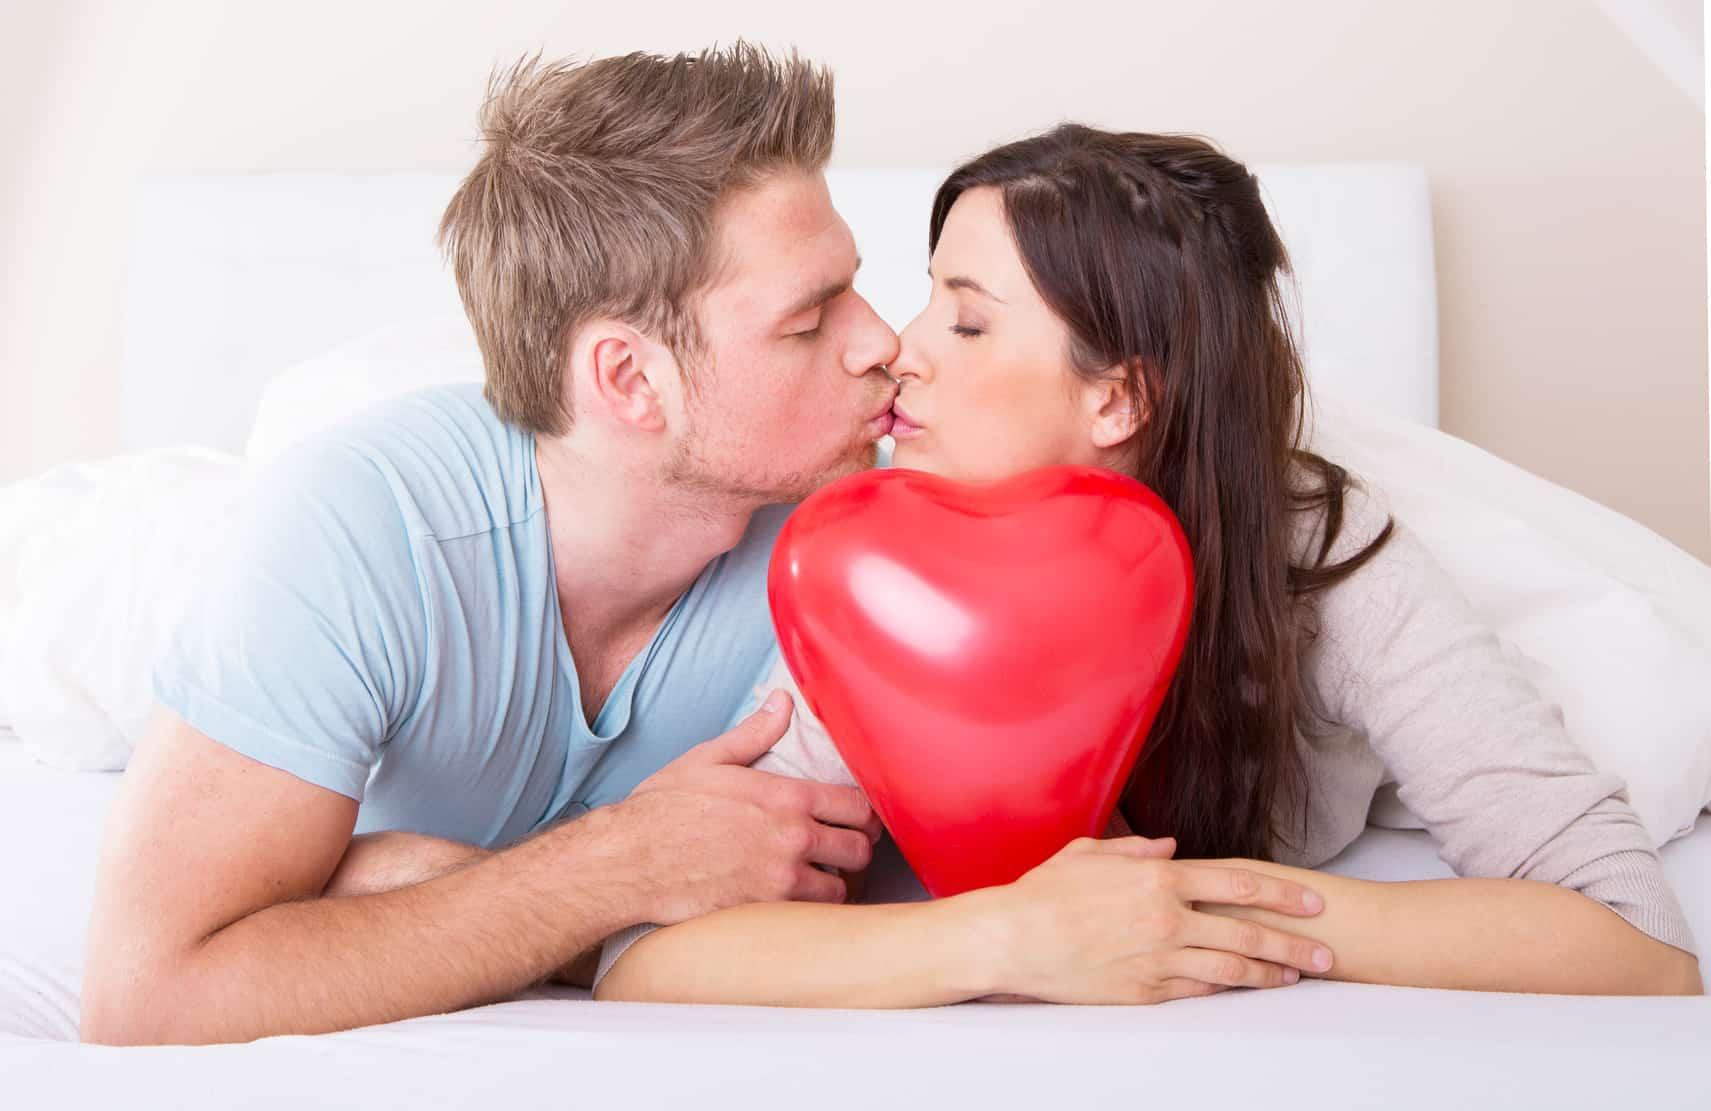 любовь - это также взаимное уважение